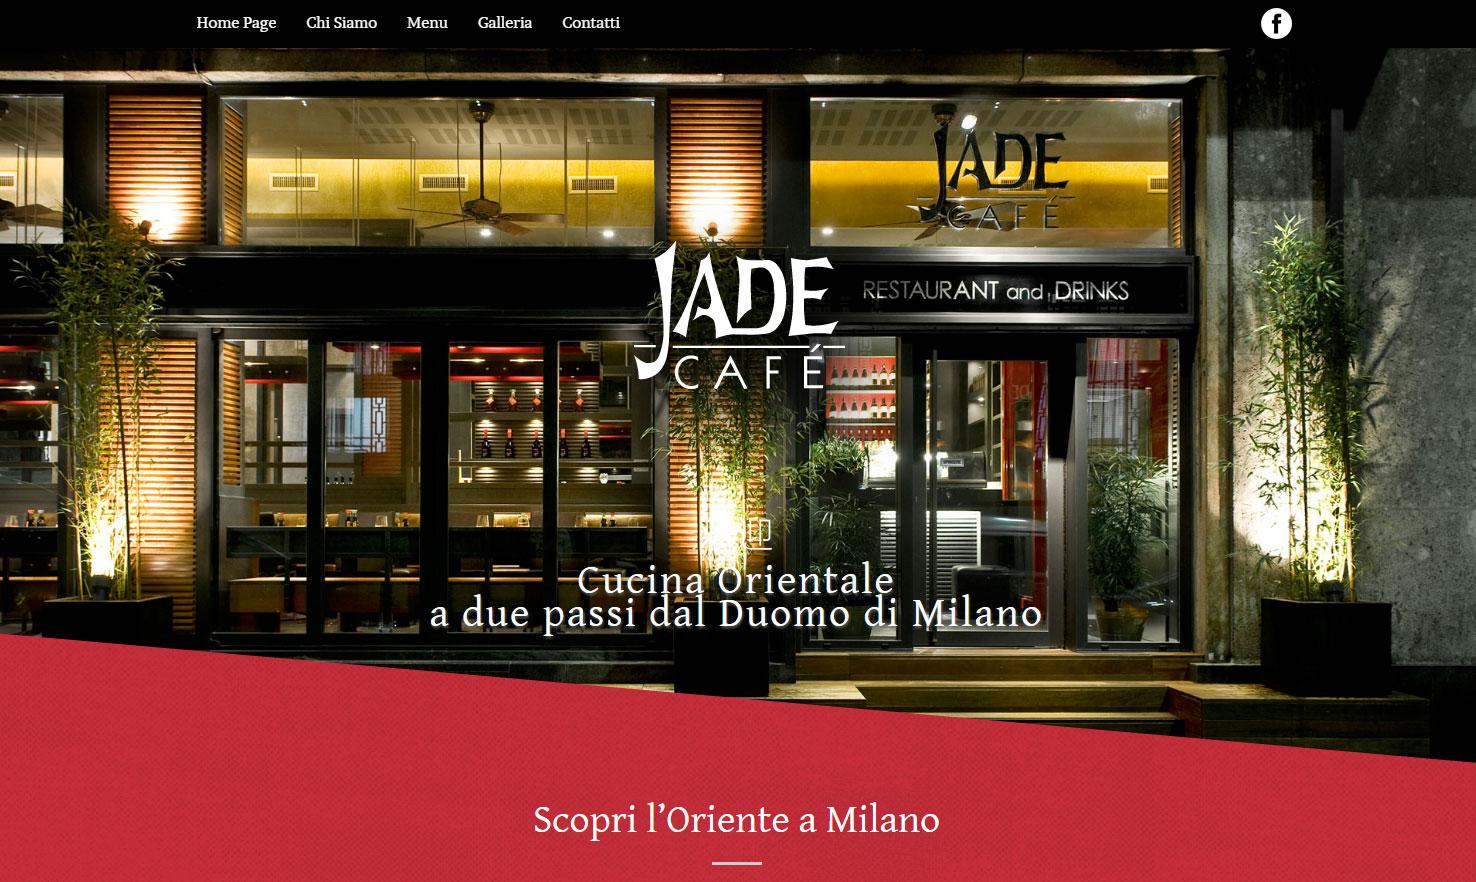 Jade cafe Milano